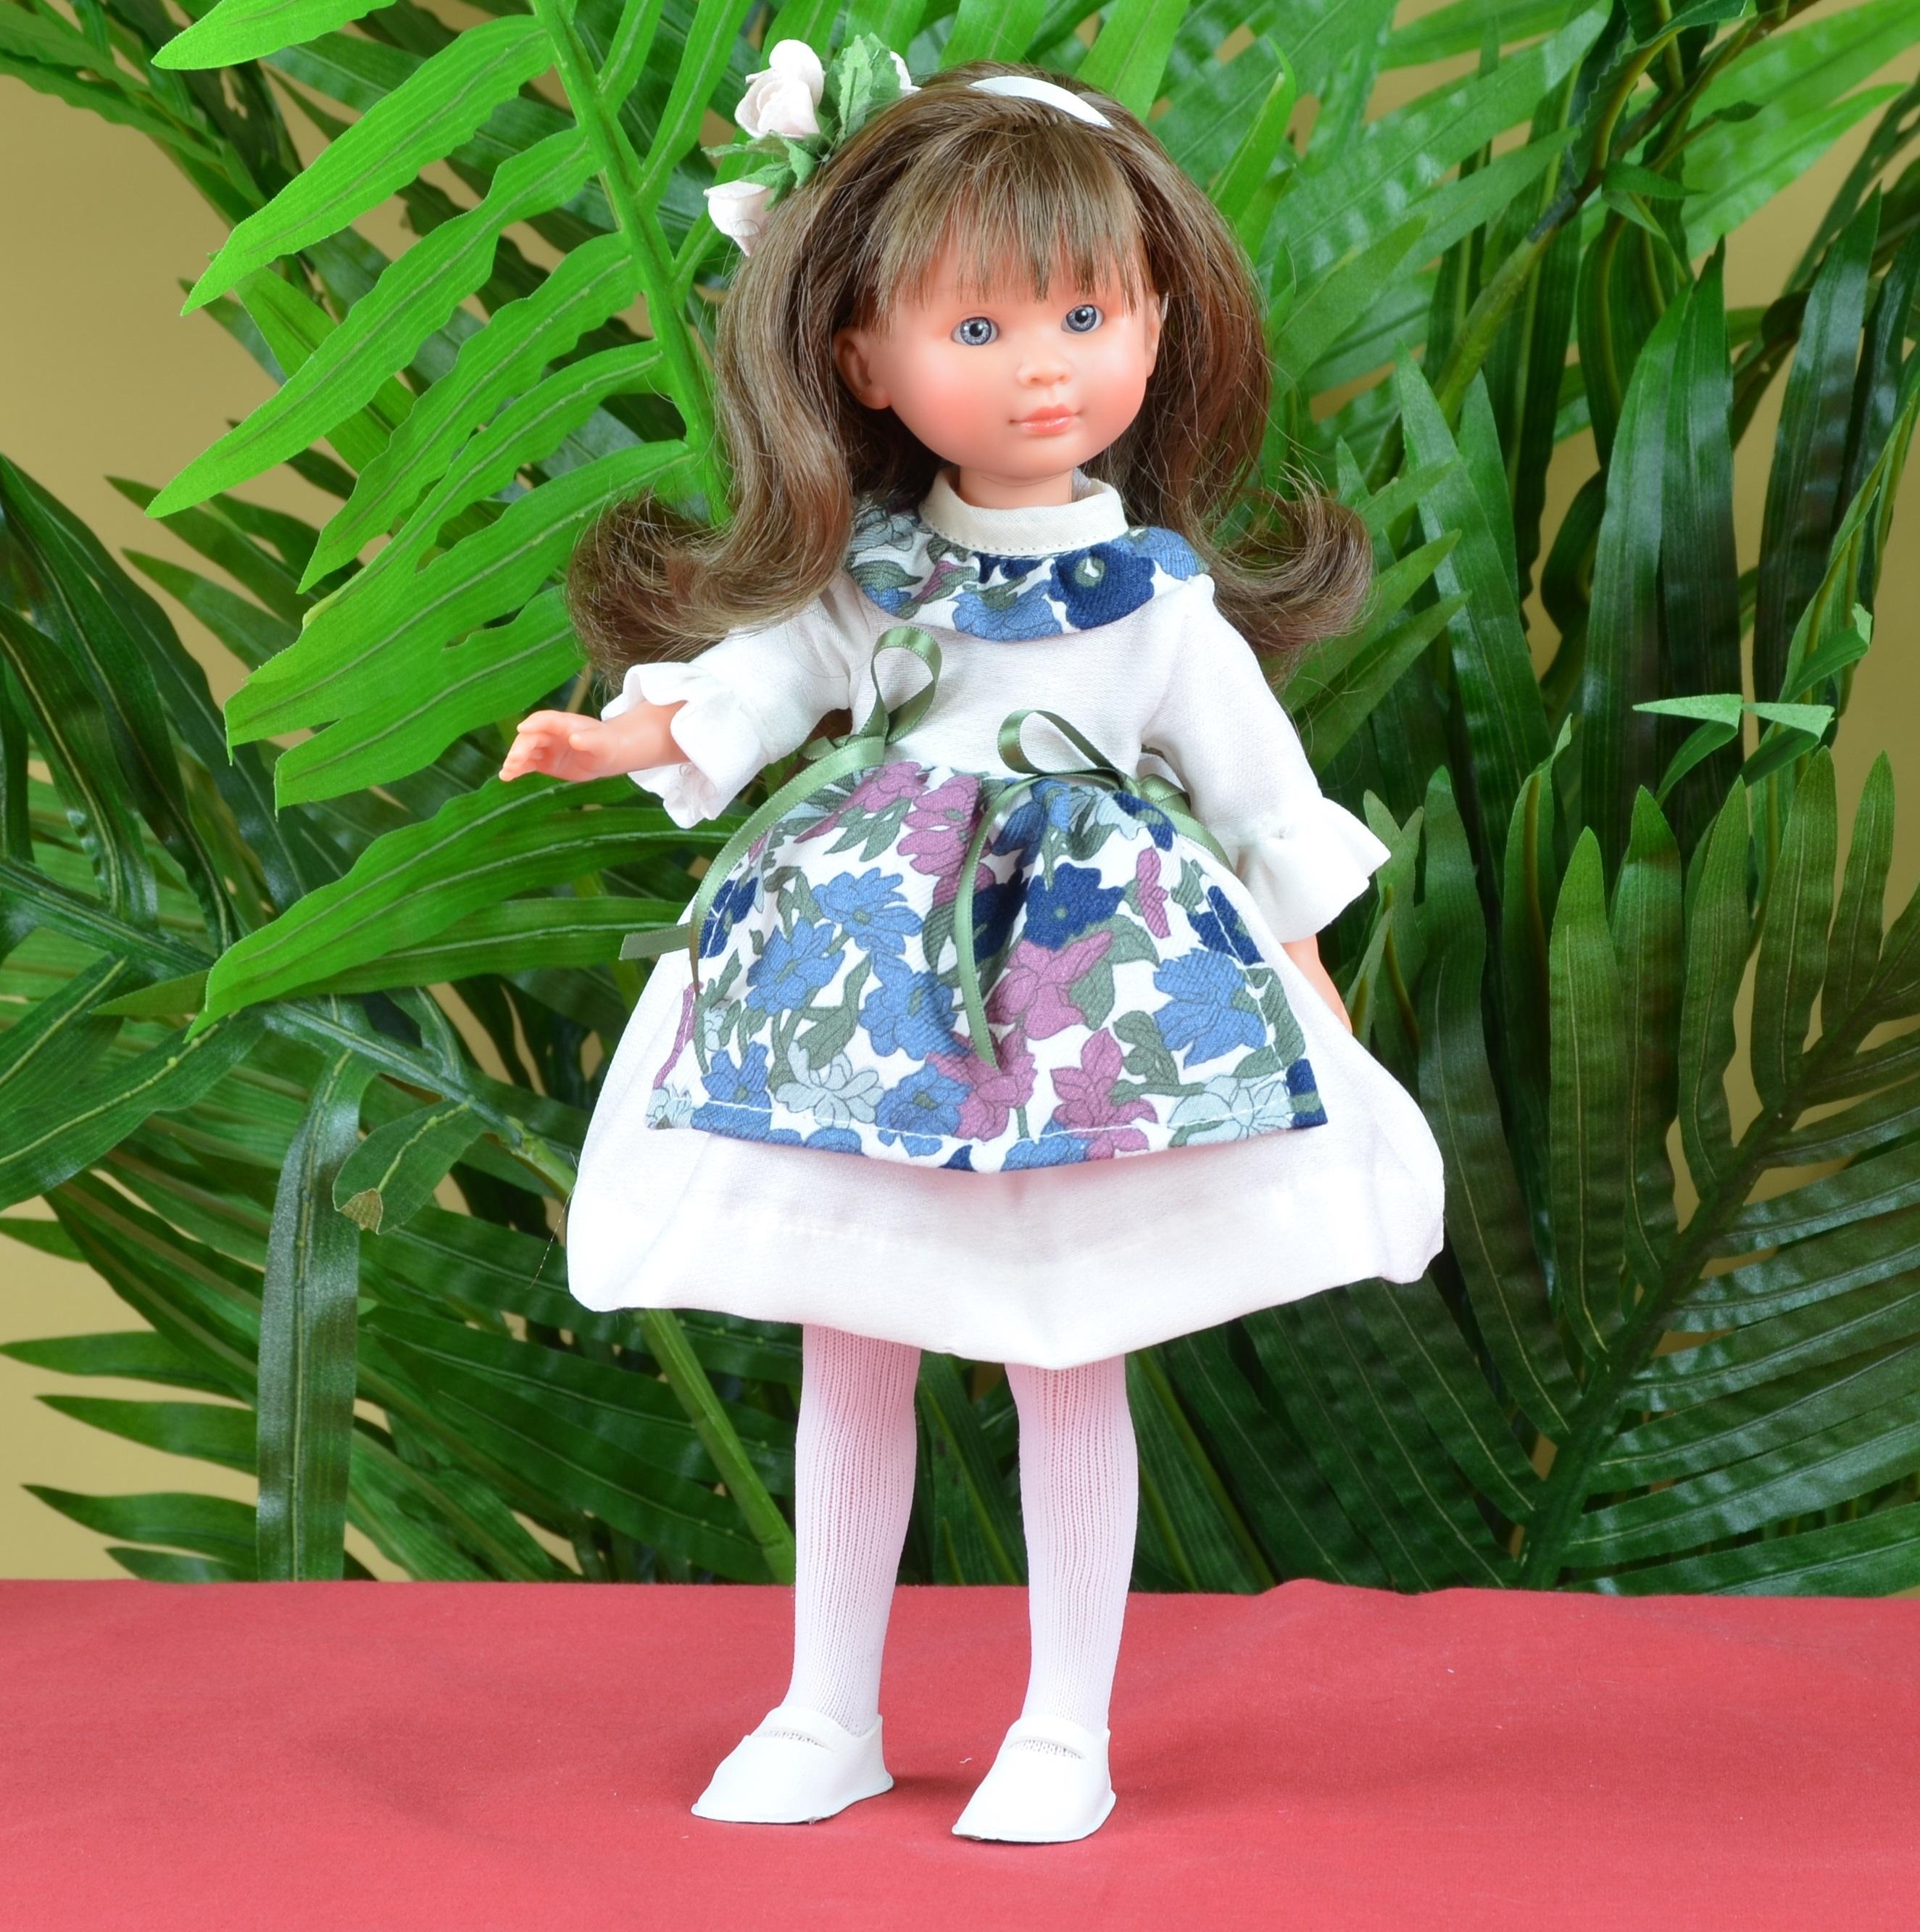 Кукла Сели в платье с цветным фартуком, 30 см.Куклы ASI (Испани)<br>Кукла Сели в платье с цветным фартуком, 30 см.<br>